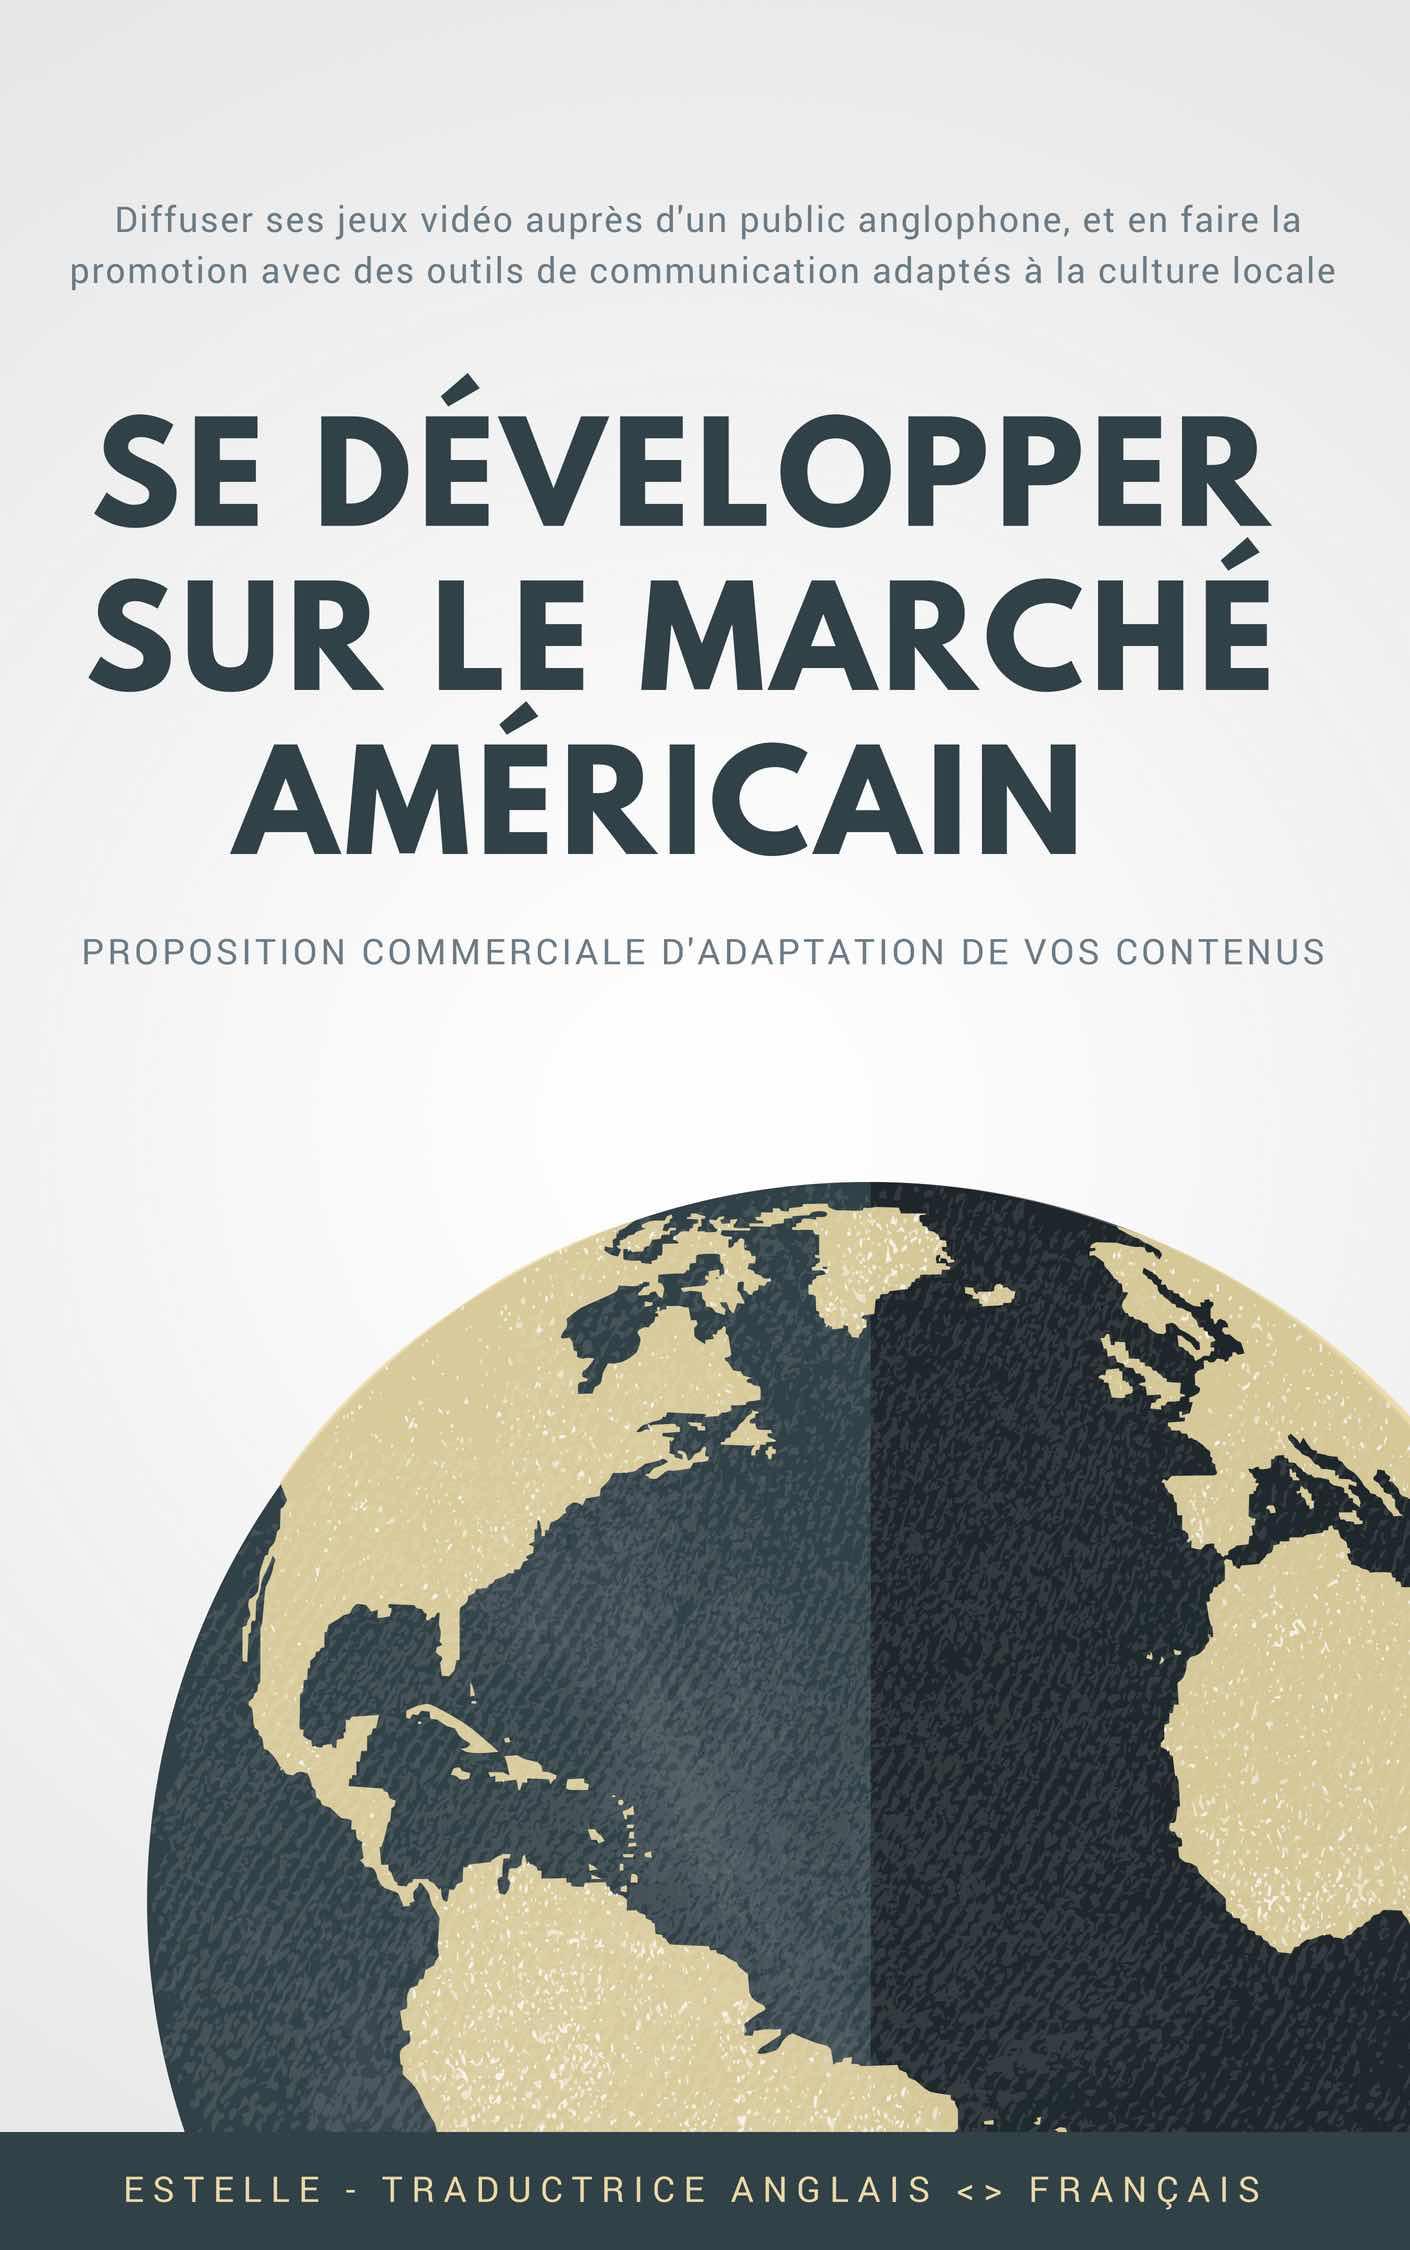 La couverture représente une mappemonde, et il est indiqué :  - Diffuser ses jeux vidéo auprès d'un public anglophone, et en faire la promotion avec des outils de communication adaptés à la culture locale - Se développer sur le marché Américain -